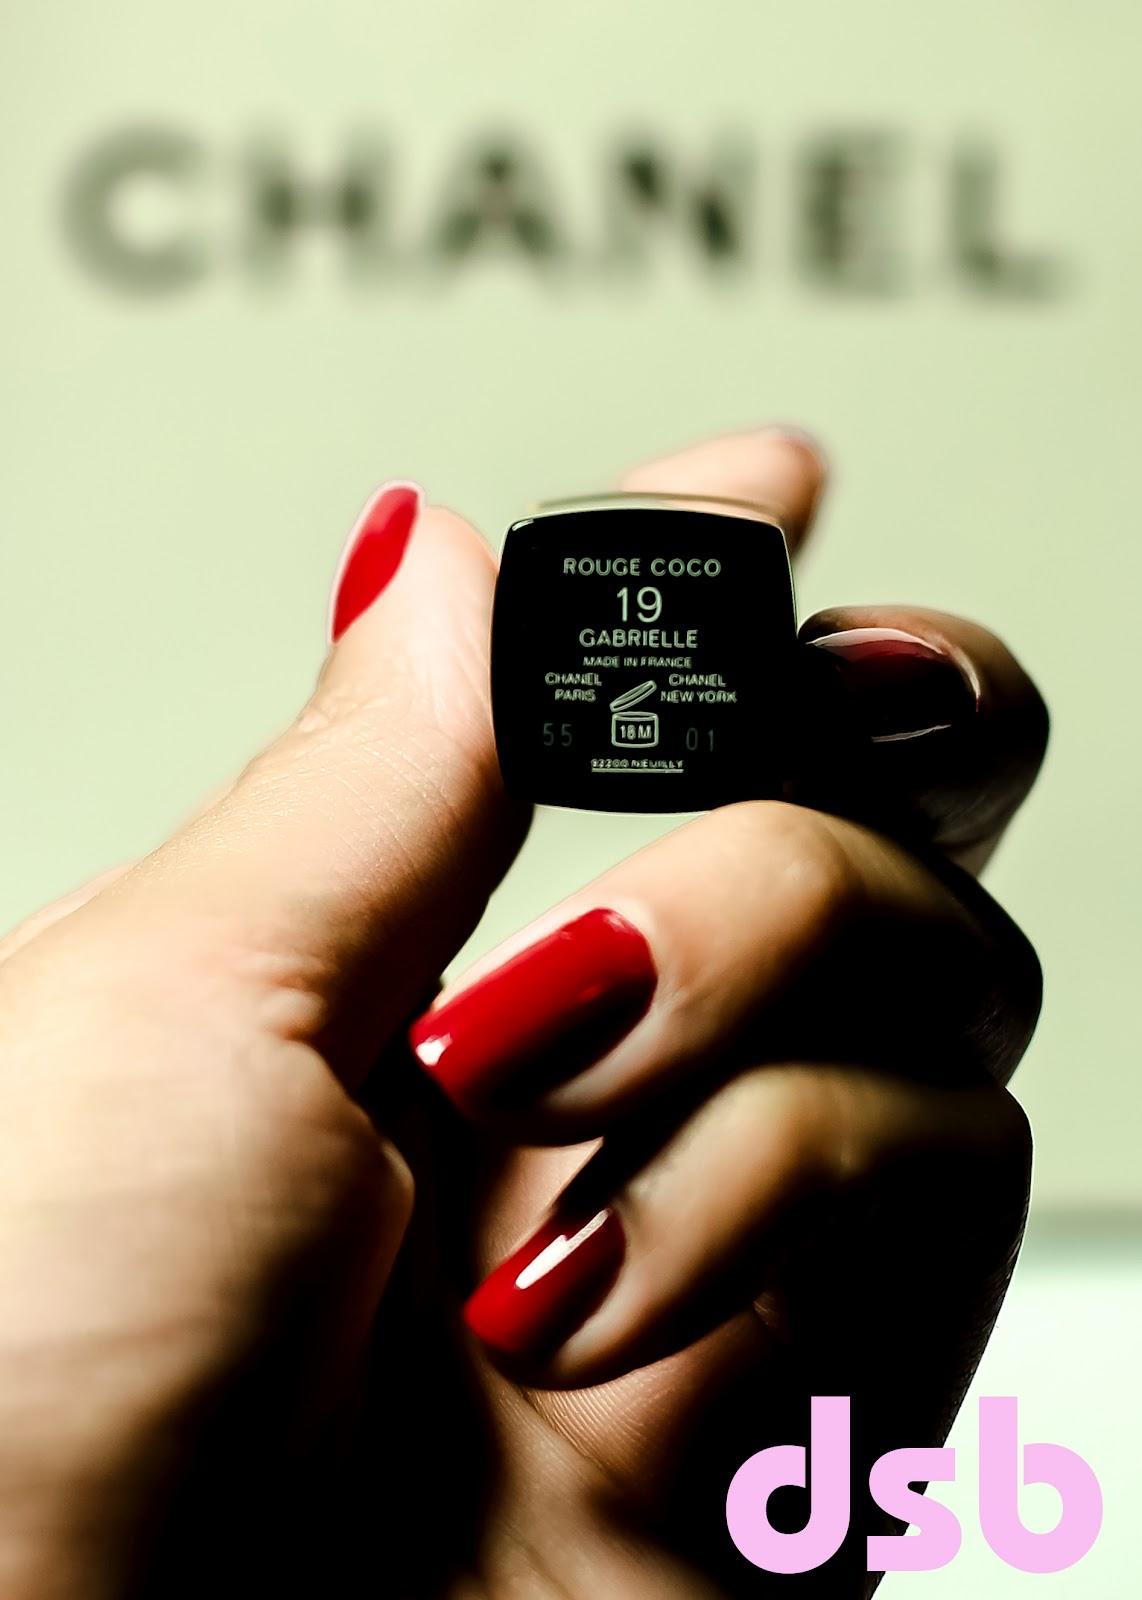 Beautiful Coco Chanel Red Nail Polish Image Nail Art Ideas Morihati Com